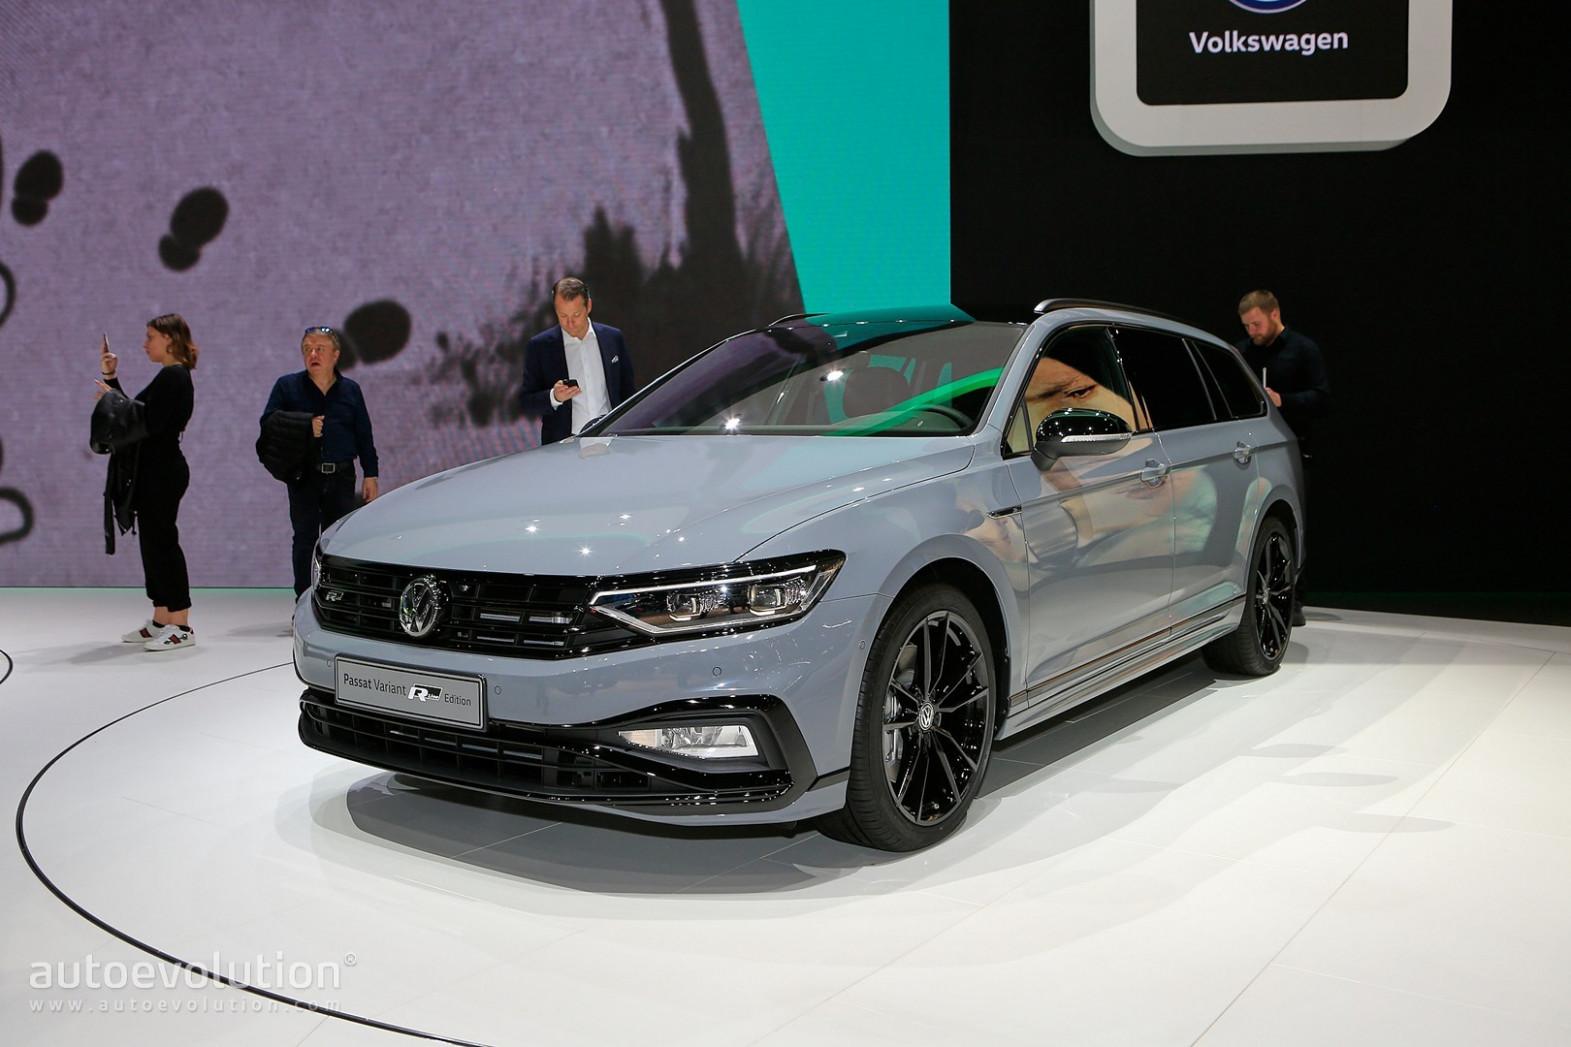 Exterior Volkswagen Passat 2022 Europe